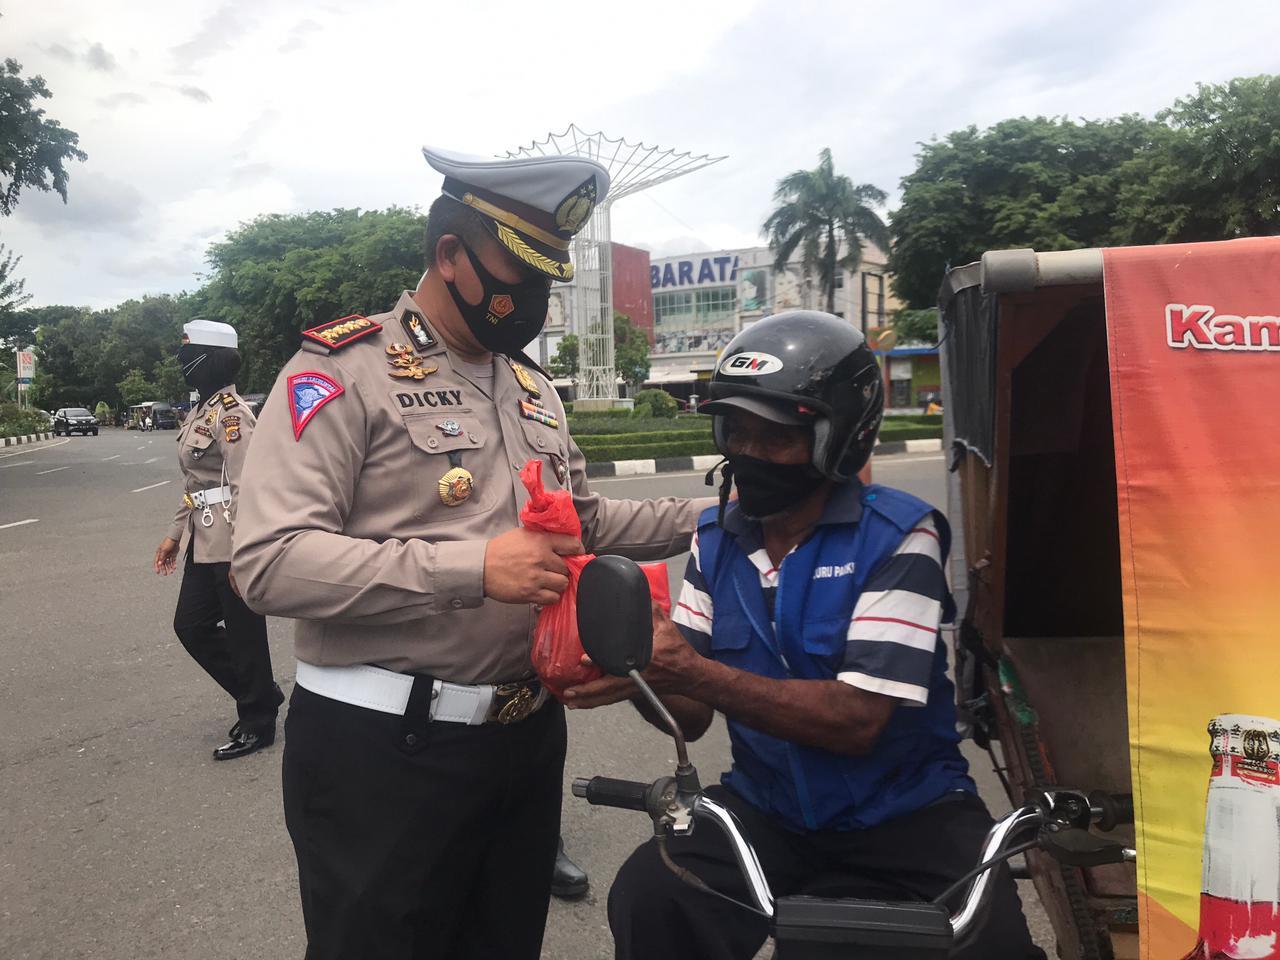 Ditlantas Polda Aceh Bagi Daging Qurban Untuk Abang Beca dan Penjual Sirih  di Masjid Baiturahman